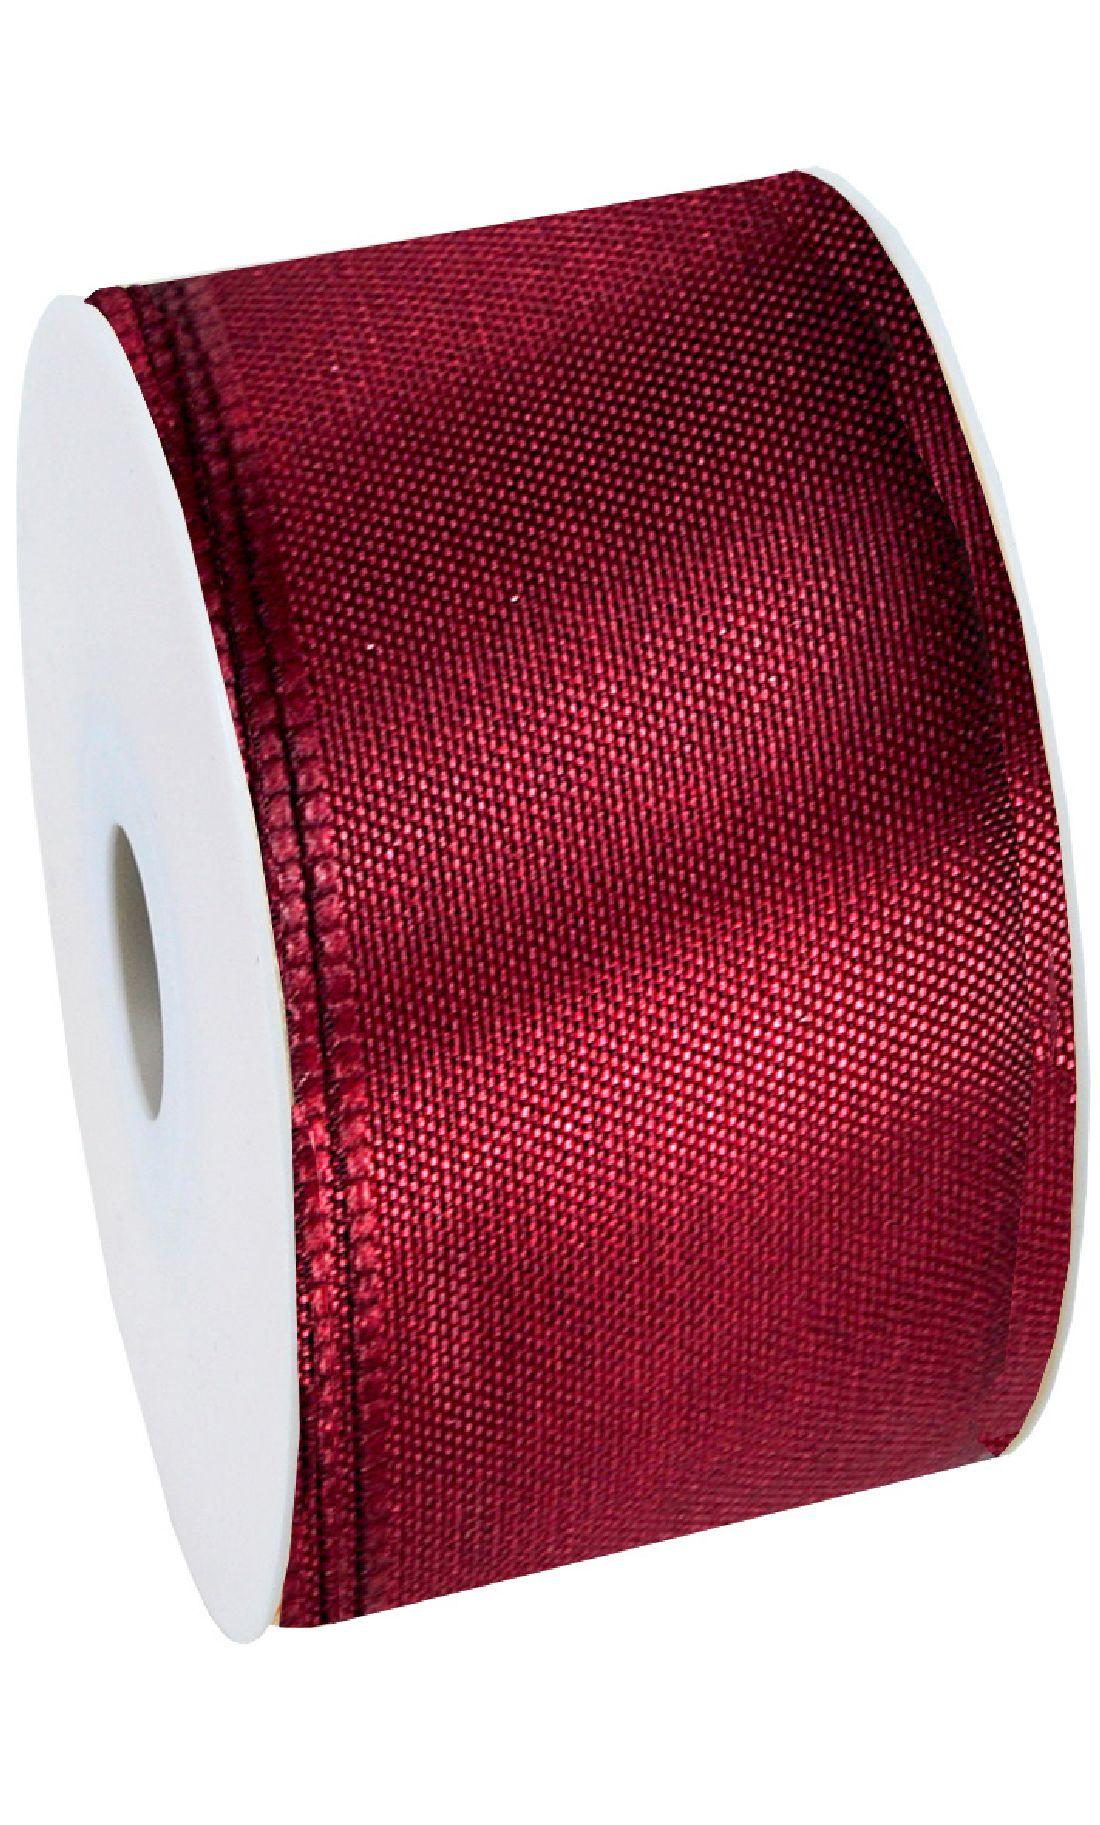 Basic ohne Draht / Taftband DUNKELROT 26 60mm 50m